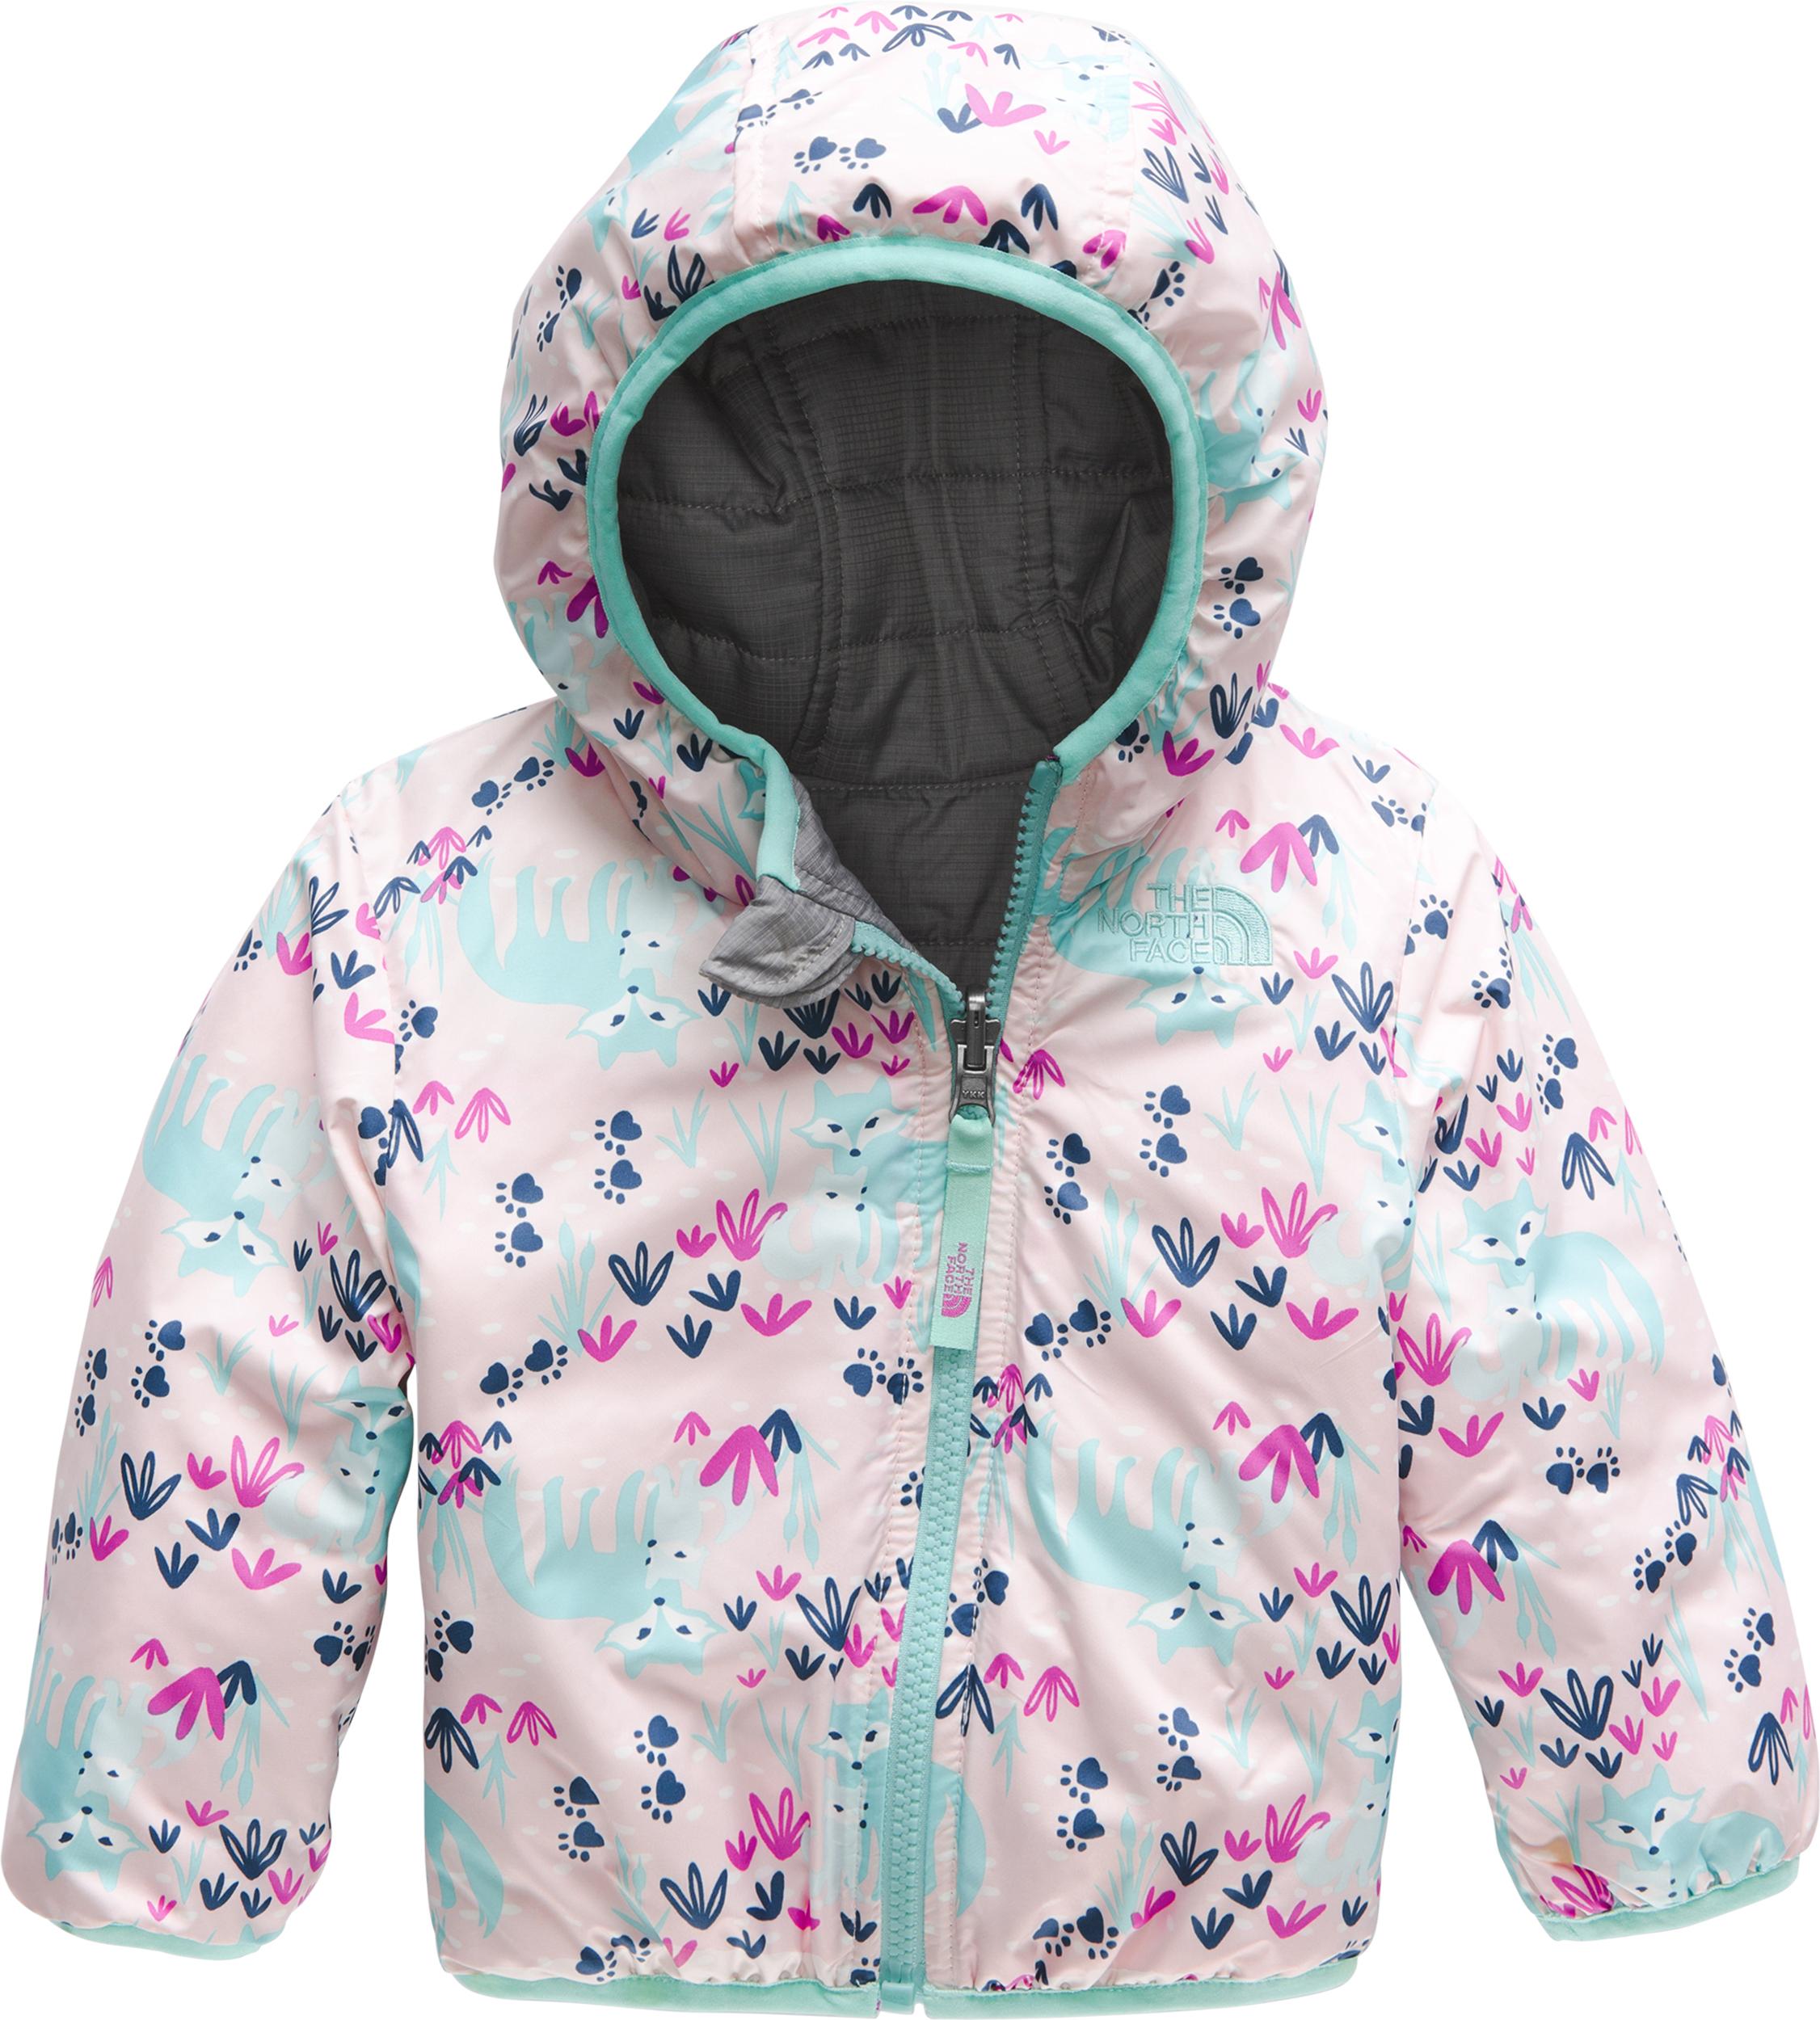 49a41ca5b873 The North Face Reversible Perrito Jacket - Infants | MEC